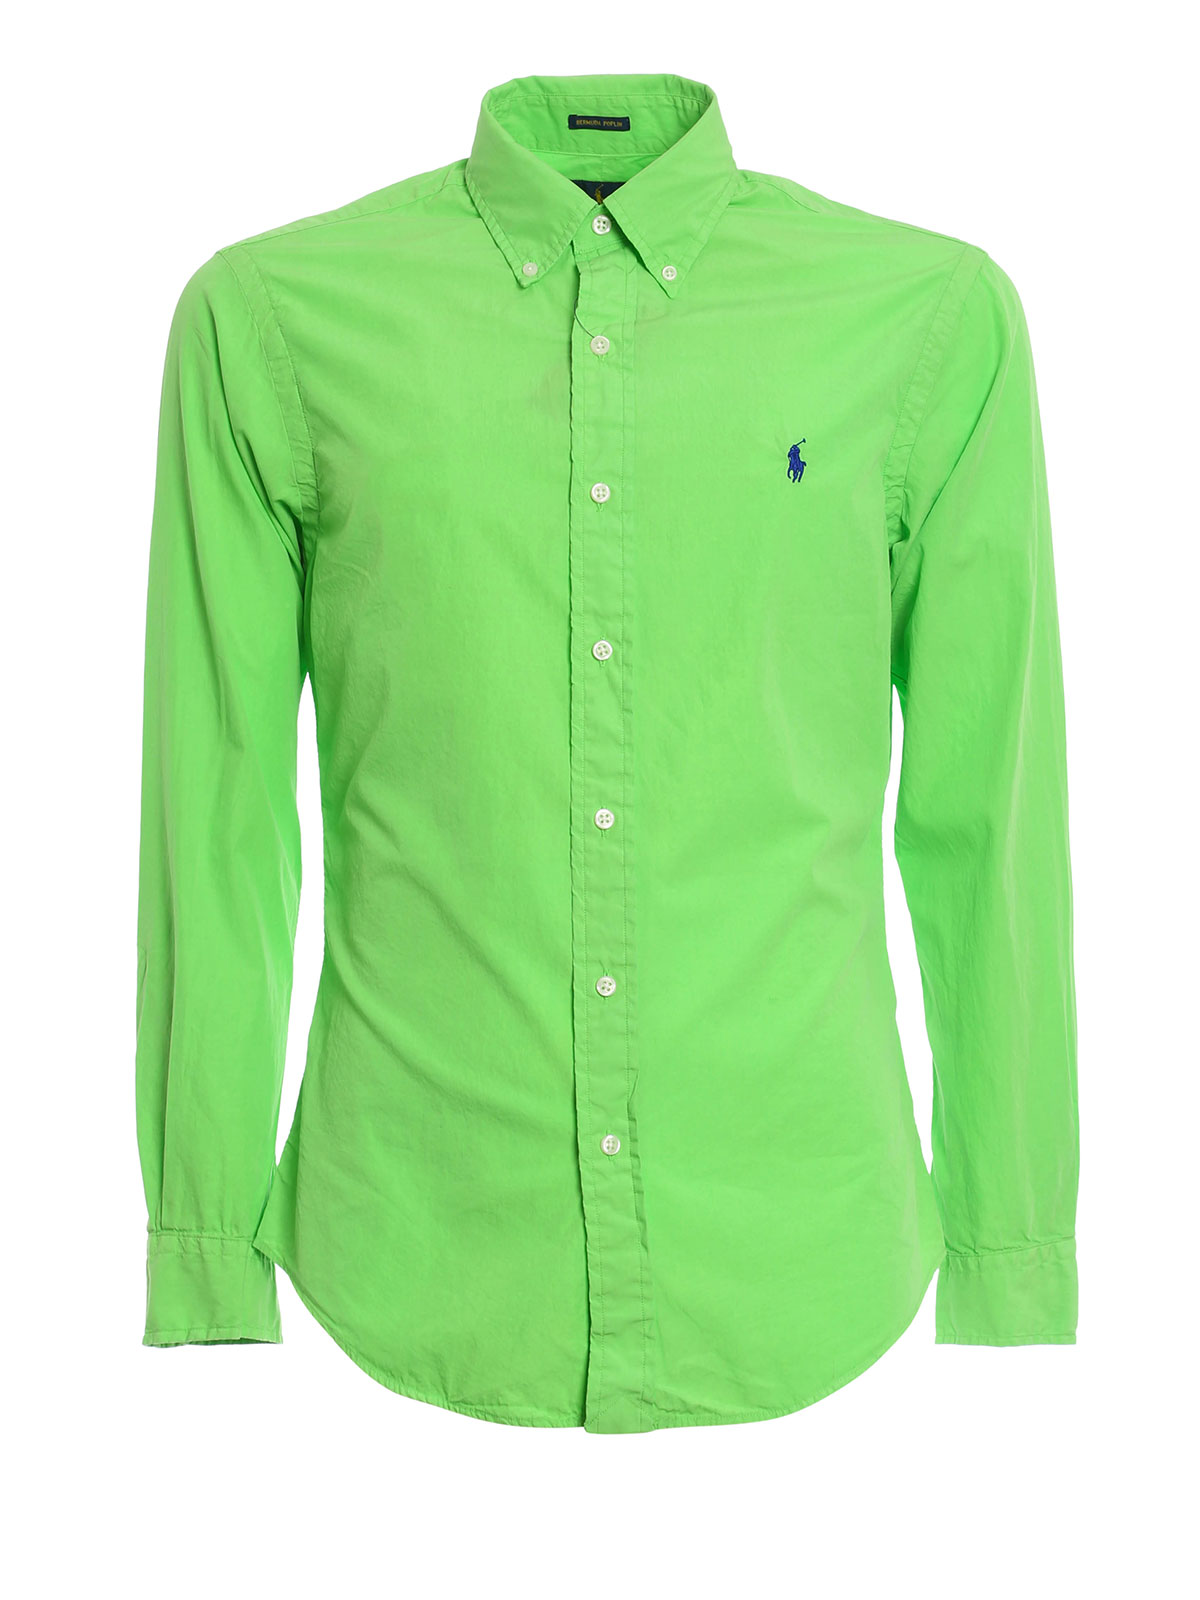 Bermuda poplin b d shirt by ralph lauren shirts shop for What is a poplin shirt